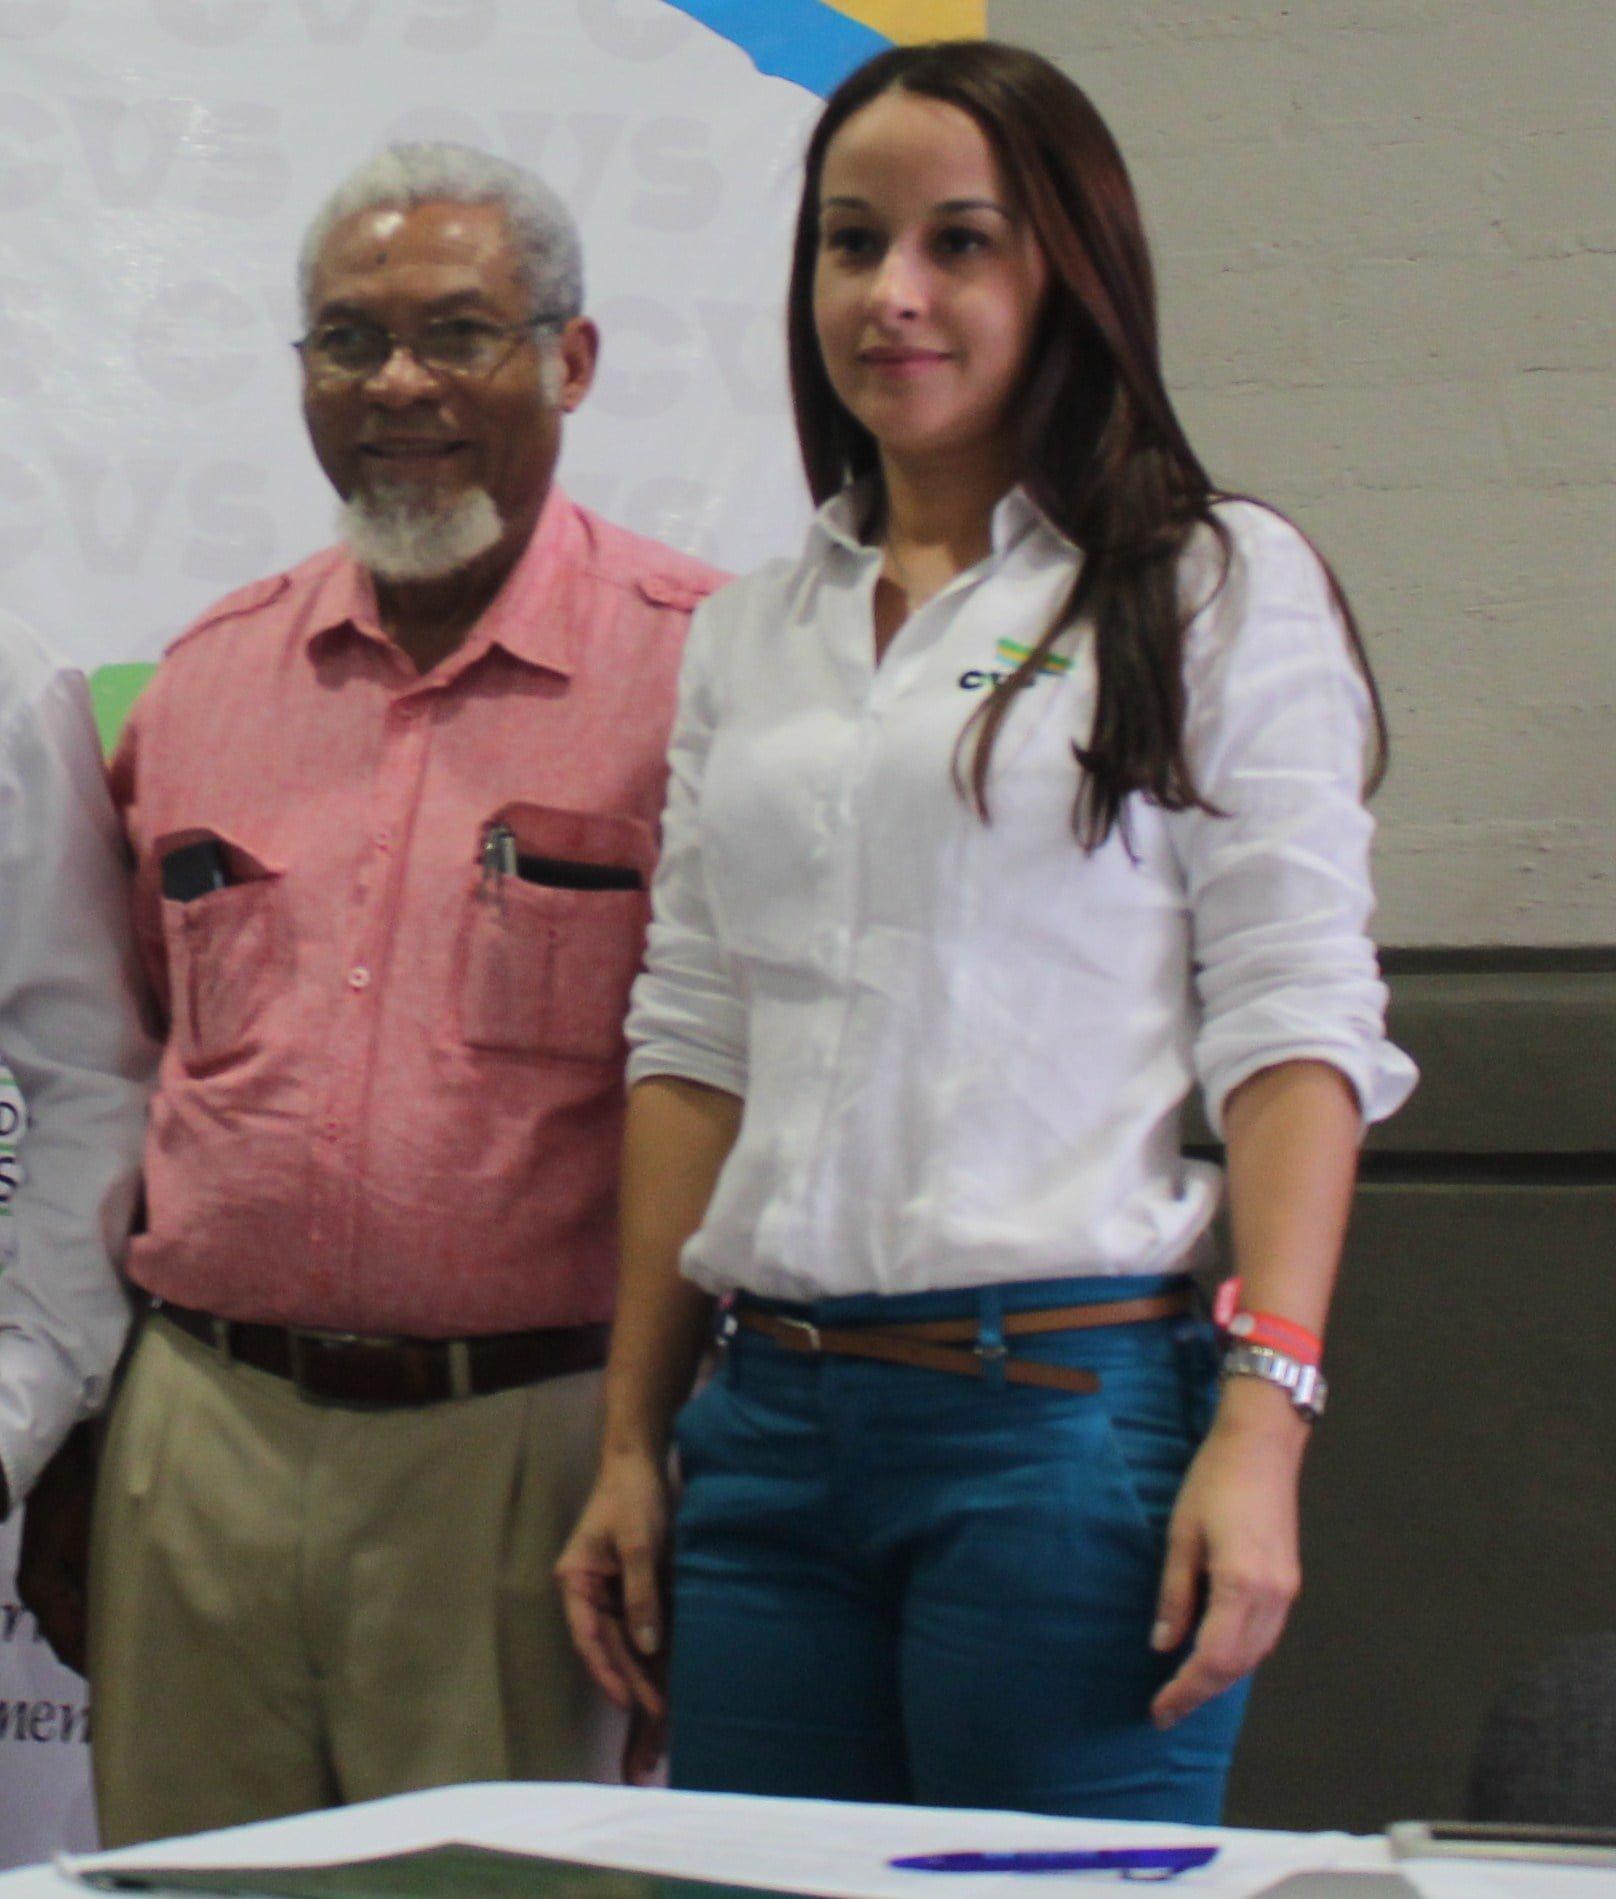 Elegido representante de las comunidades negras ante el consejo directivo de la CVS